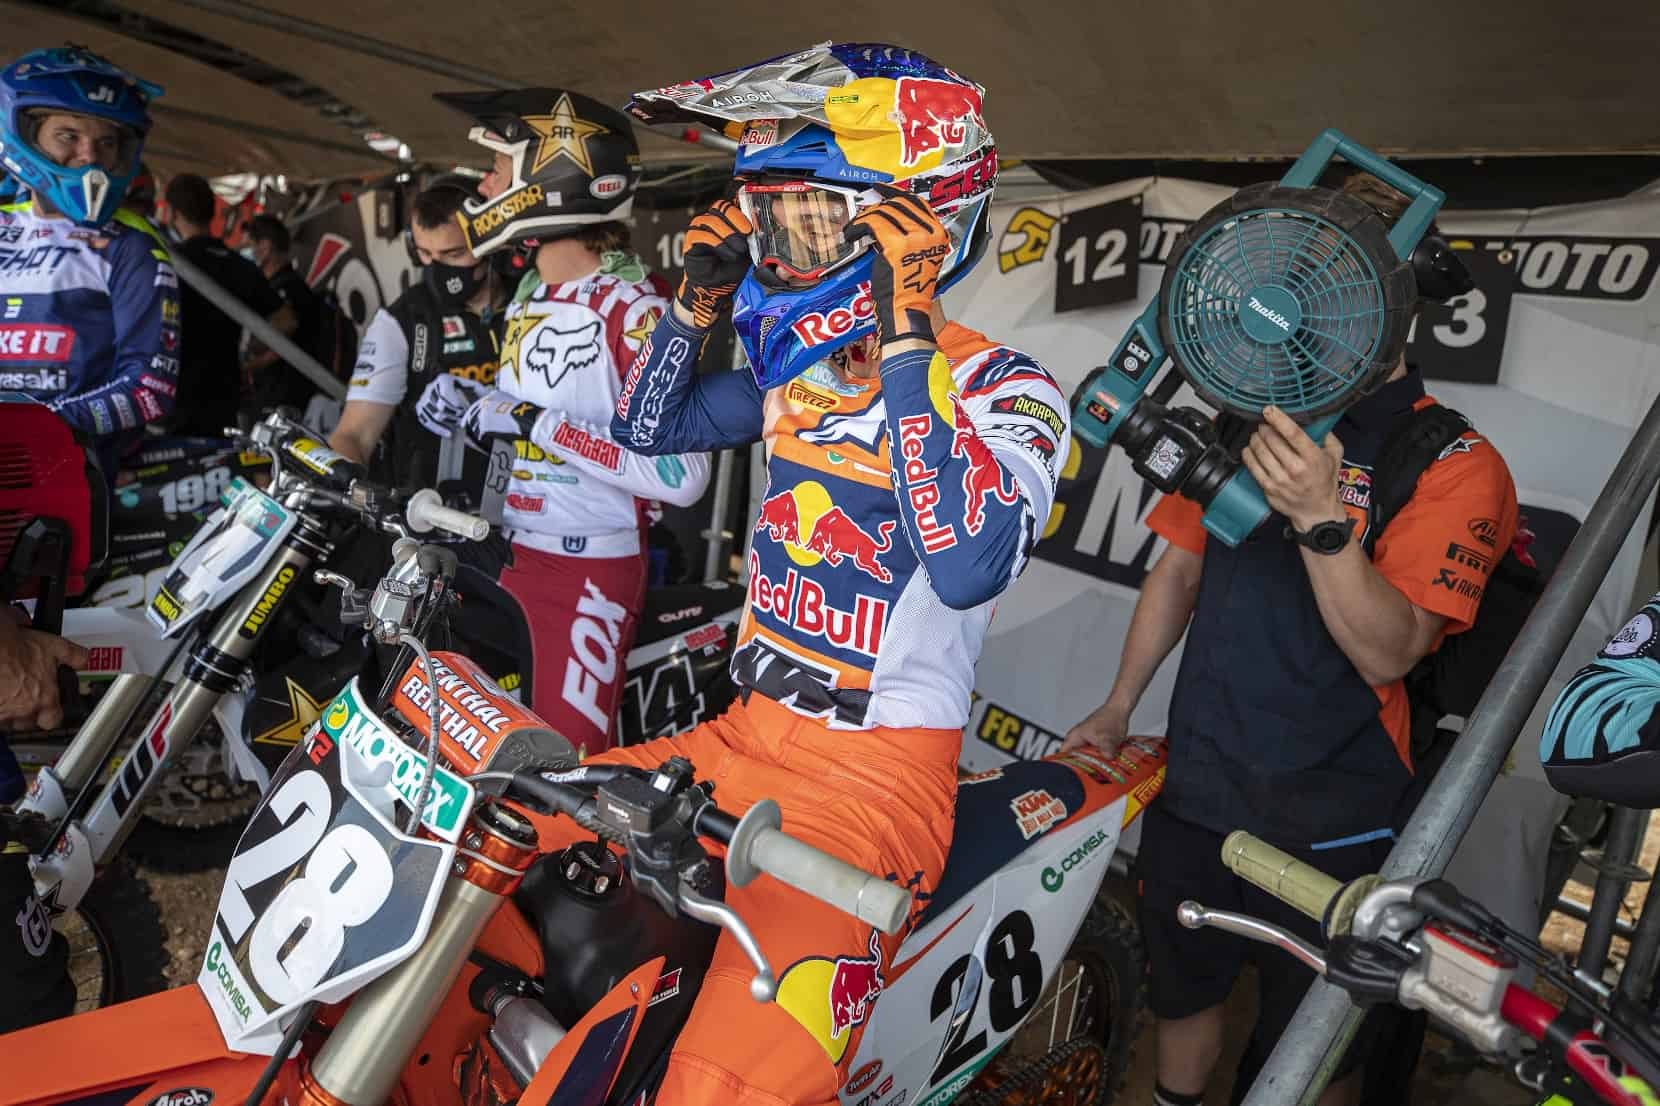 Strafe für Tom Vialle im zweiten MX2-Rennen von Teutschenthal